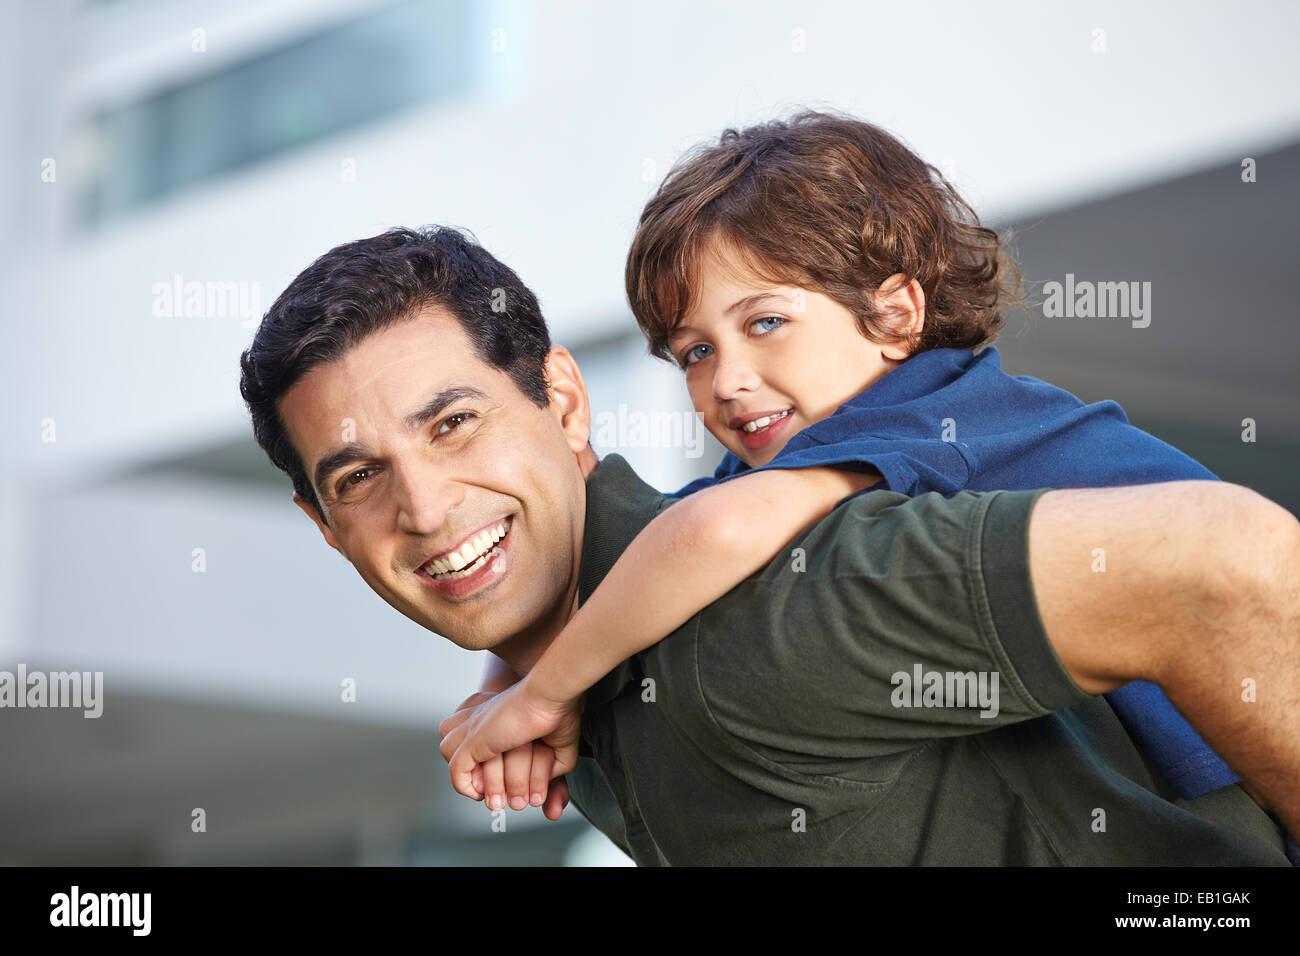 Bambino felice a cavallo trasportato su suo padre sorridente Immagini Stock